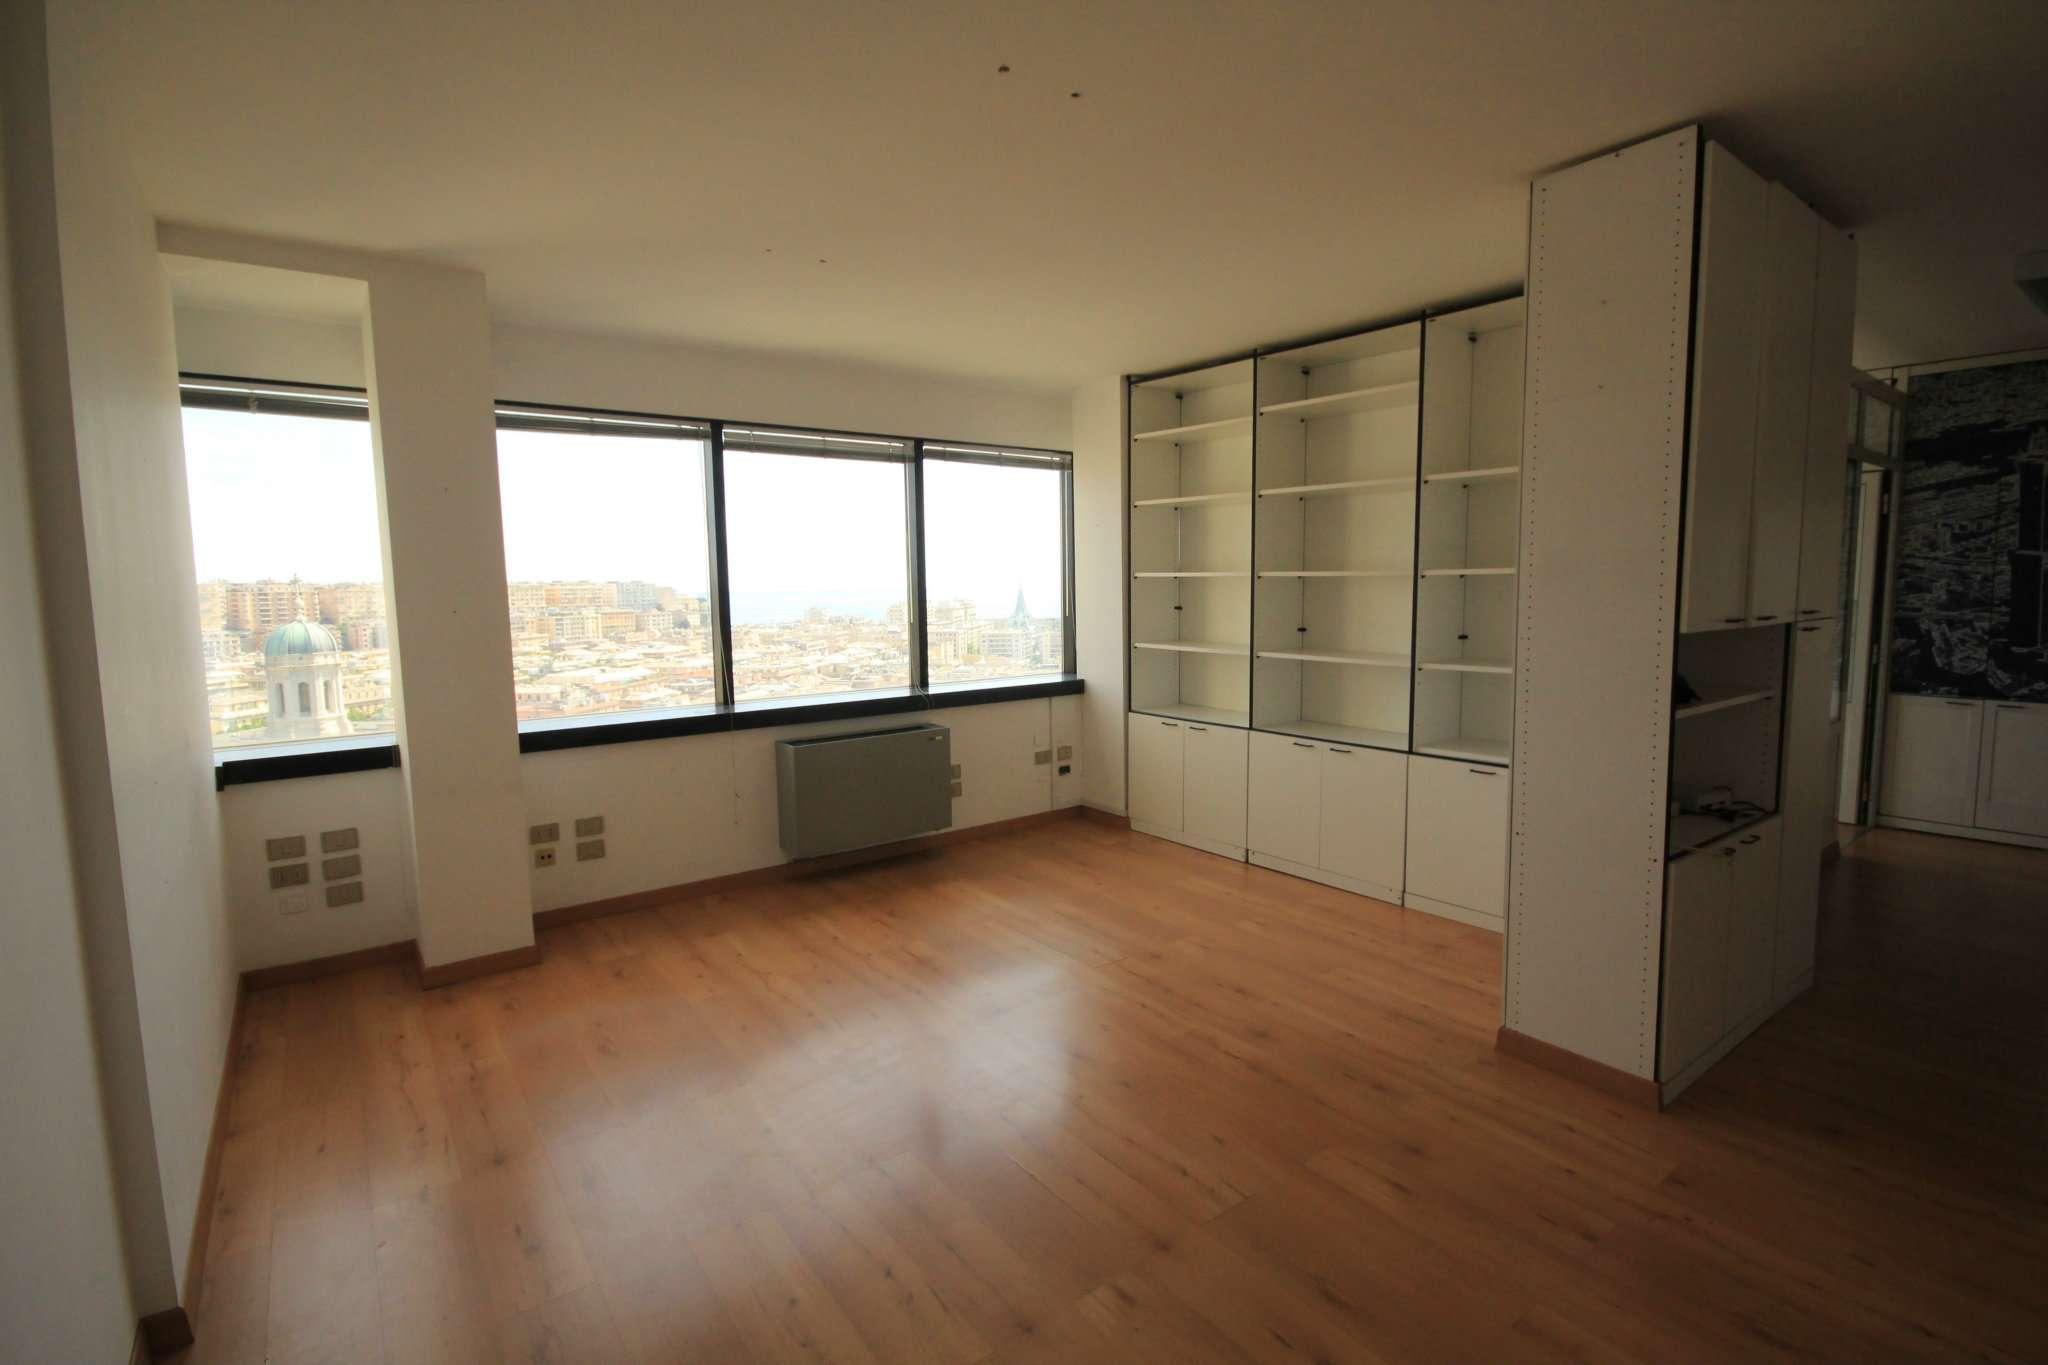 Ufficio-studio in Affitto a Genova Centro: 3 locali, 55 mq